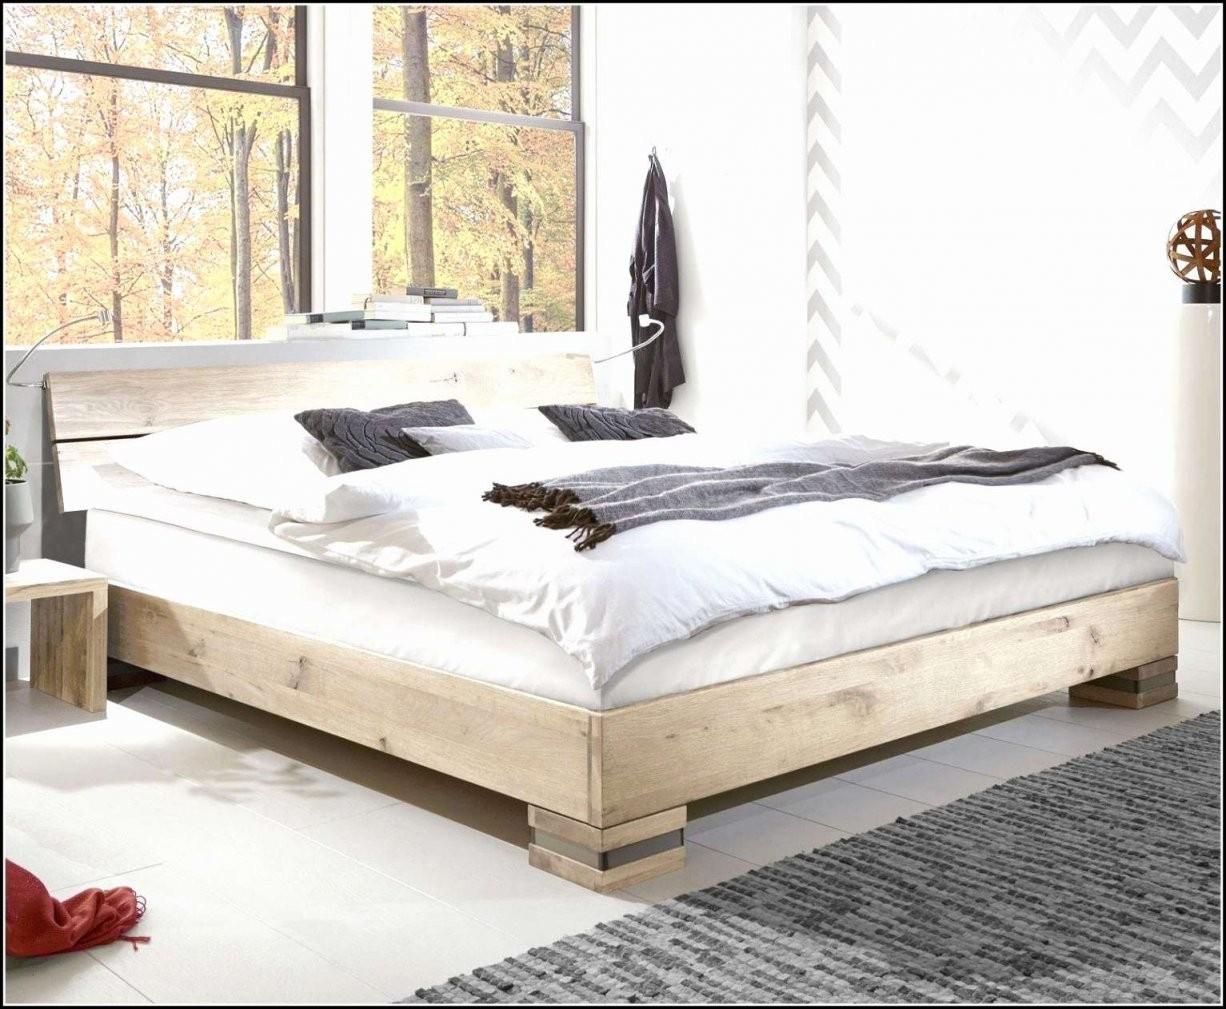 Balkenbett Selber Bauen Fotos Bett Holz Schön Bett Holzbalken Best von Bett Aus Holz Selber Bauen Photo